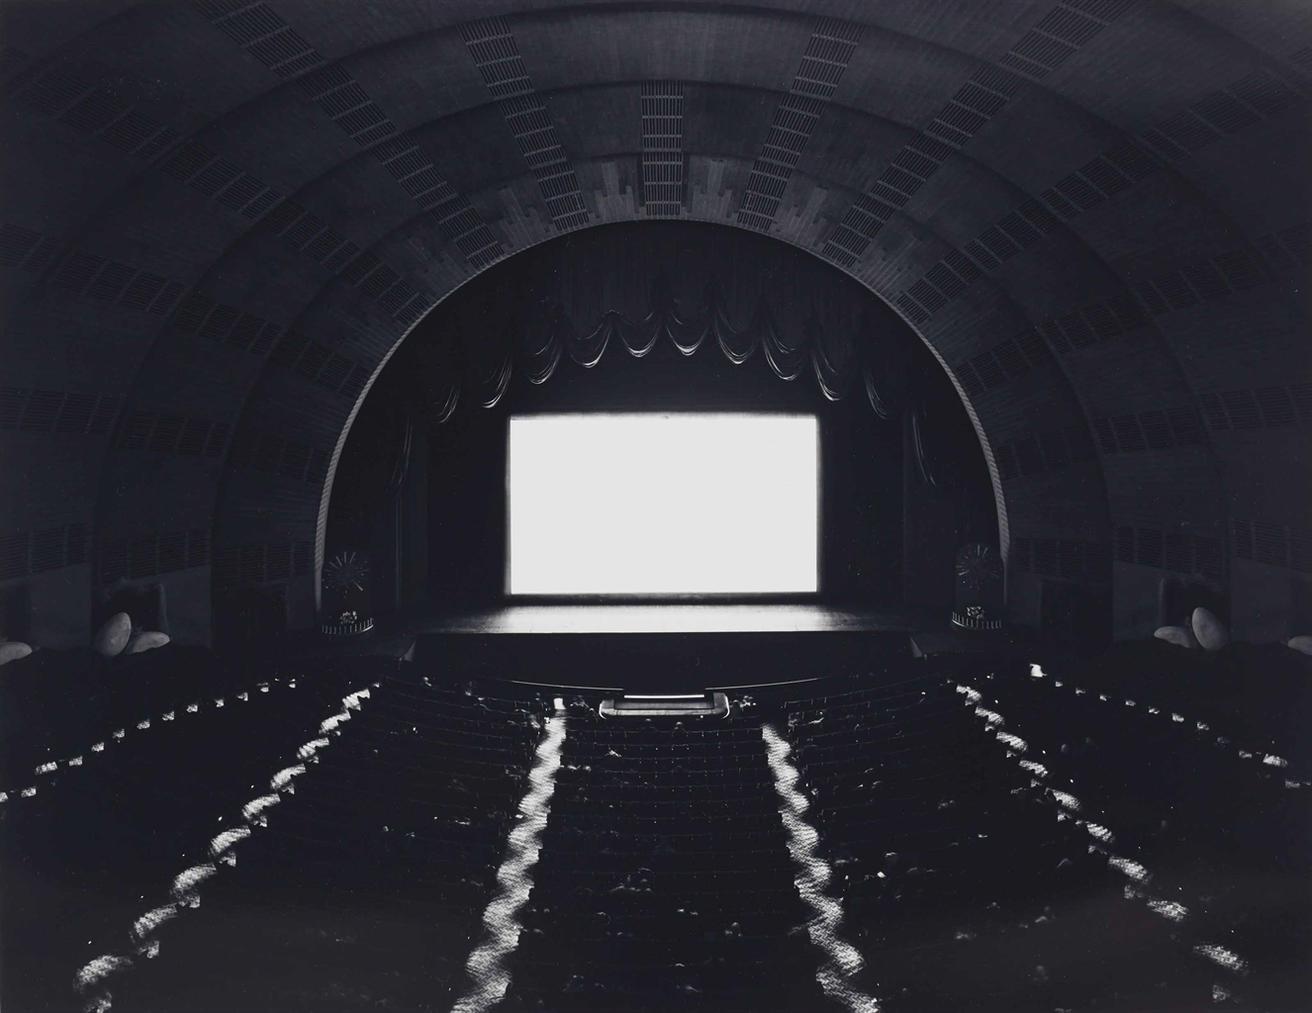 Hiroshi Sugimoto-Radio City Music Hall, New York-1978